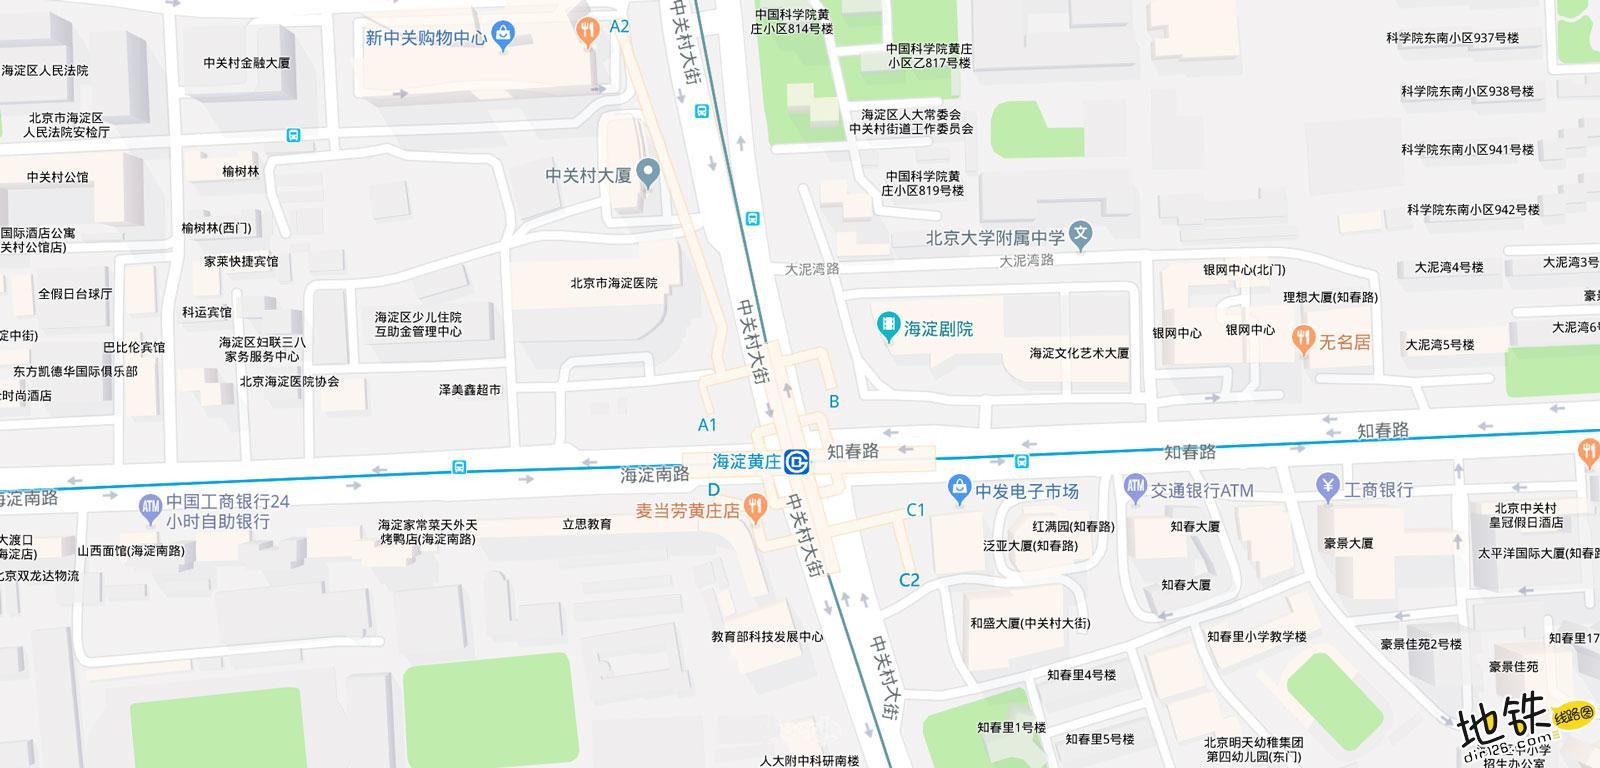 海淀黄庄地铁站 北京地铁海淀黄庄站出入口 地图信息查询  北京地铁站  第2张